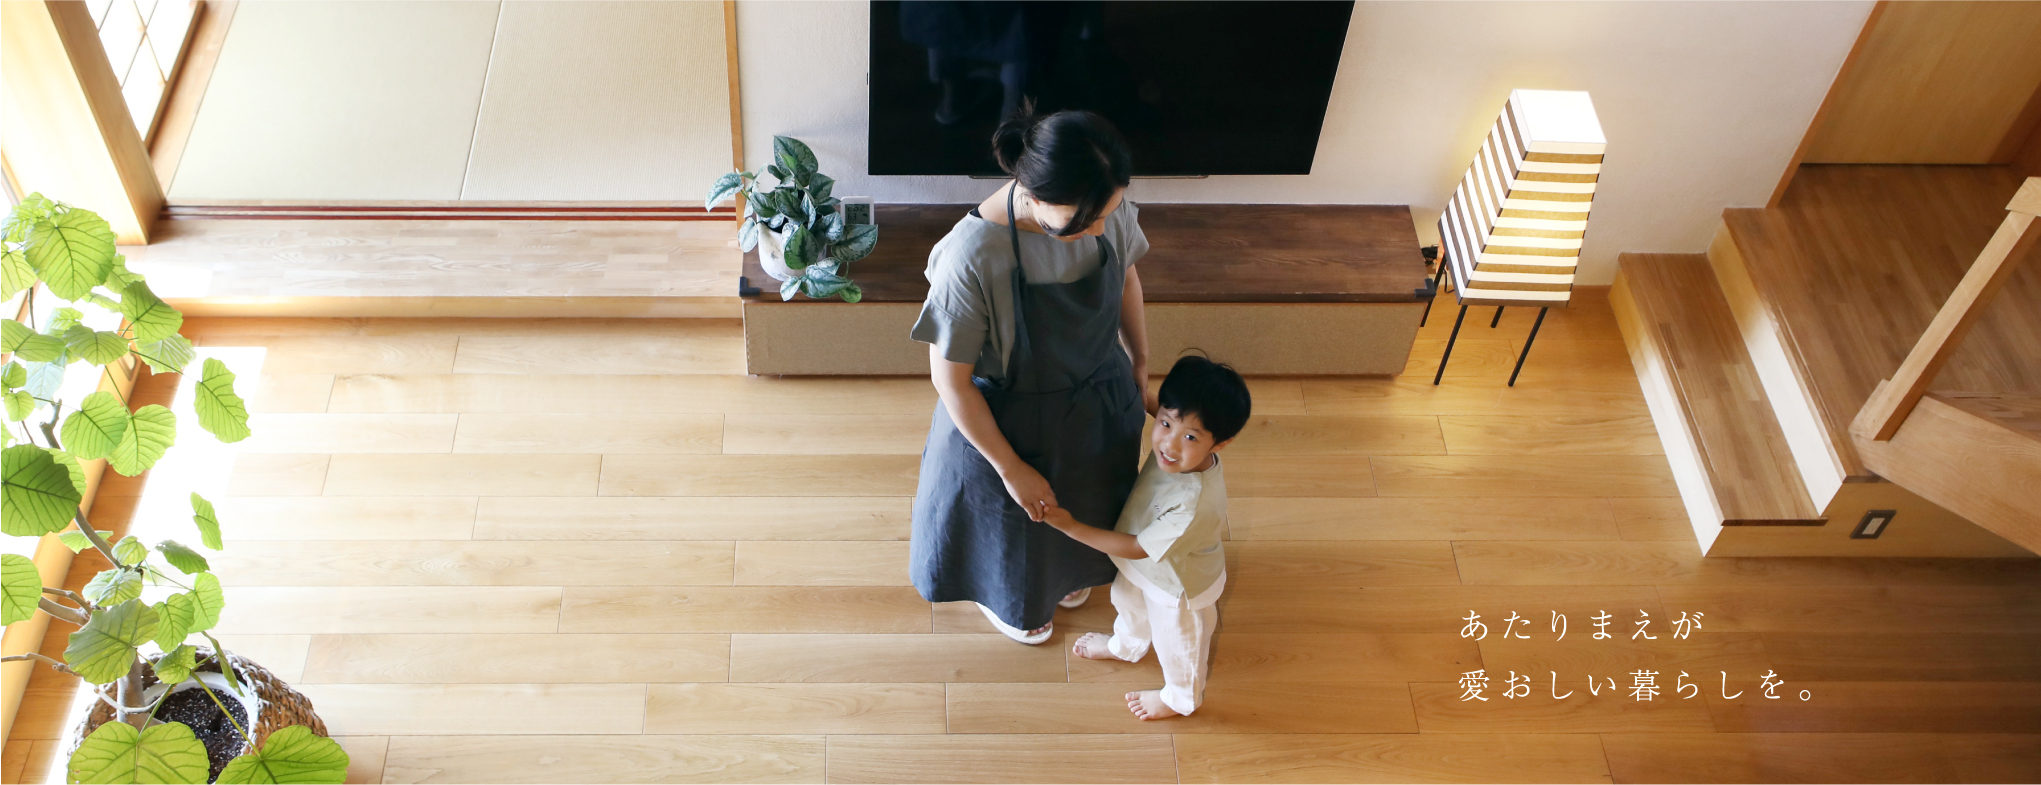 私たちの家づくり 関元工務店 香川県高松市